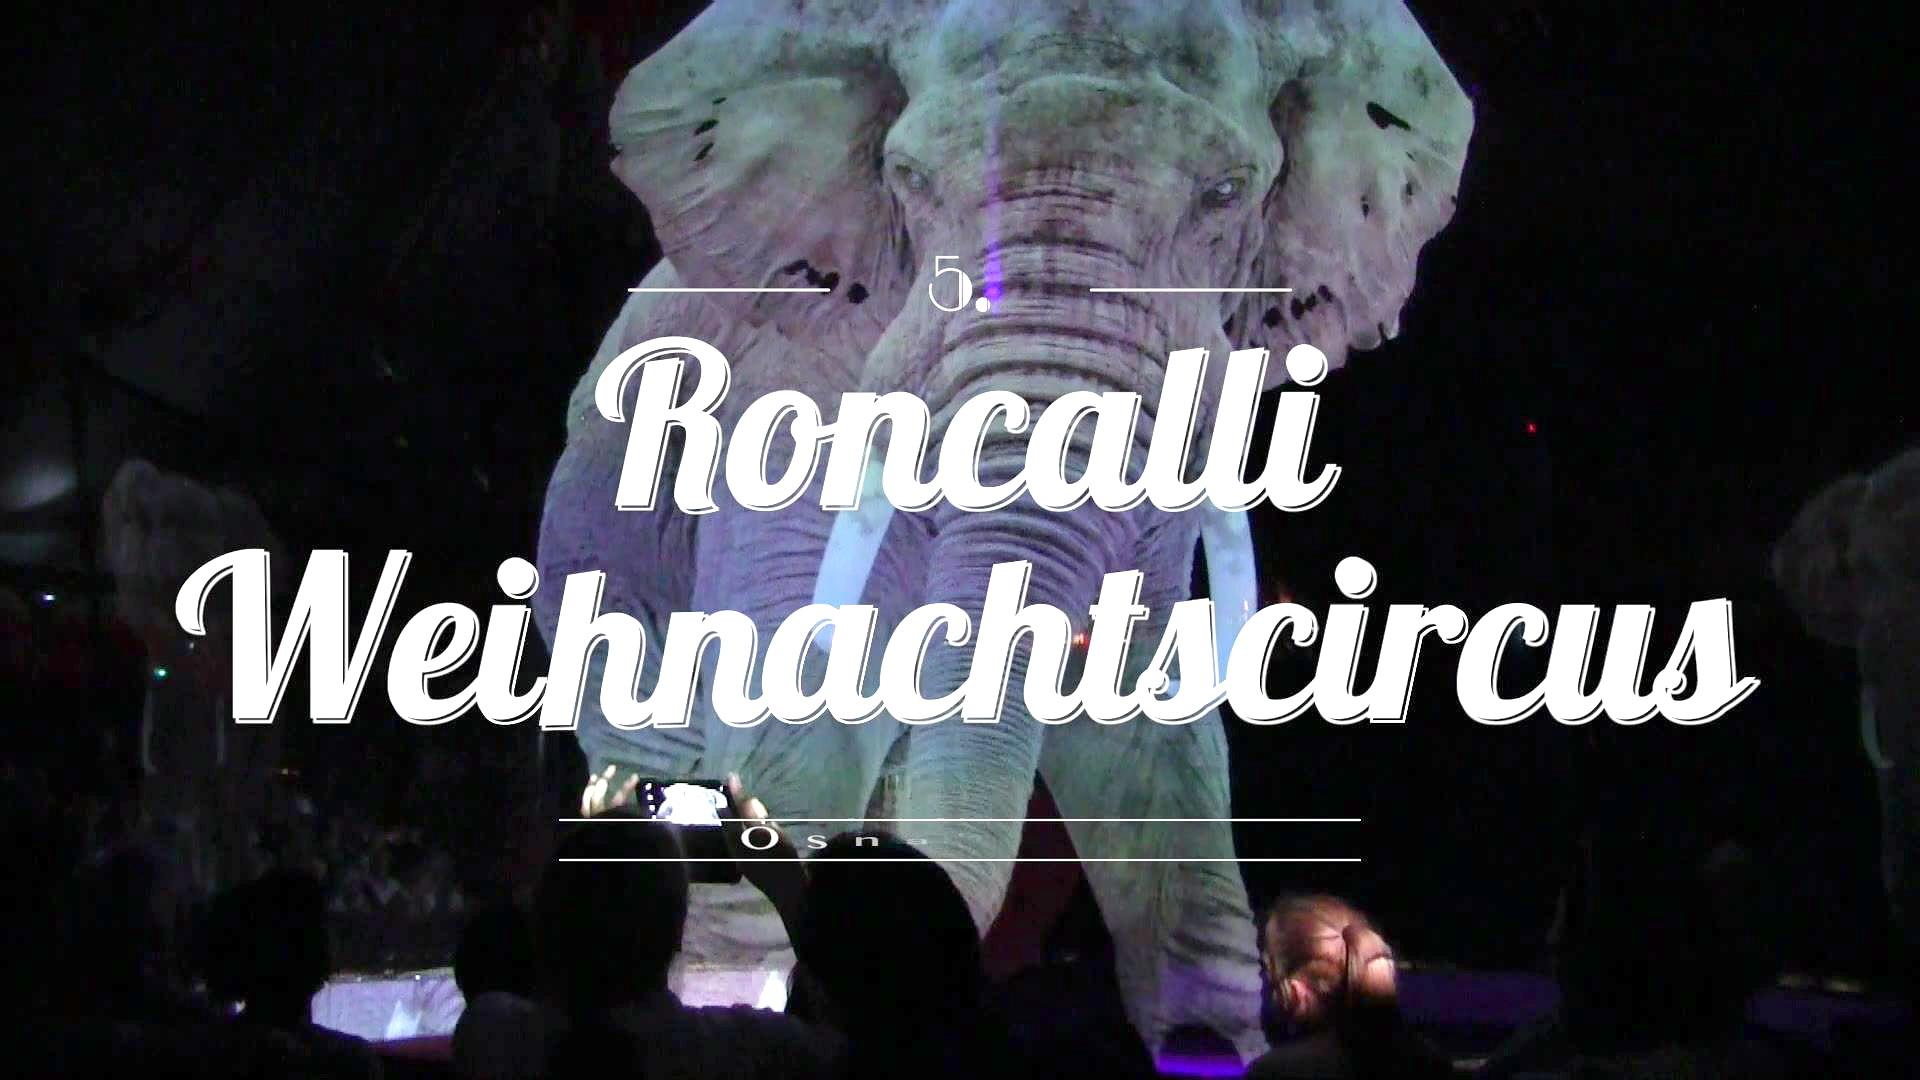 Roncalli คณะละครสัตว์ในเยอรมนี โชว์การแสดงสัตว์ด้วยเทคโนโลยีโฮโลแกรม